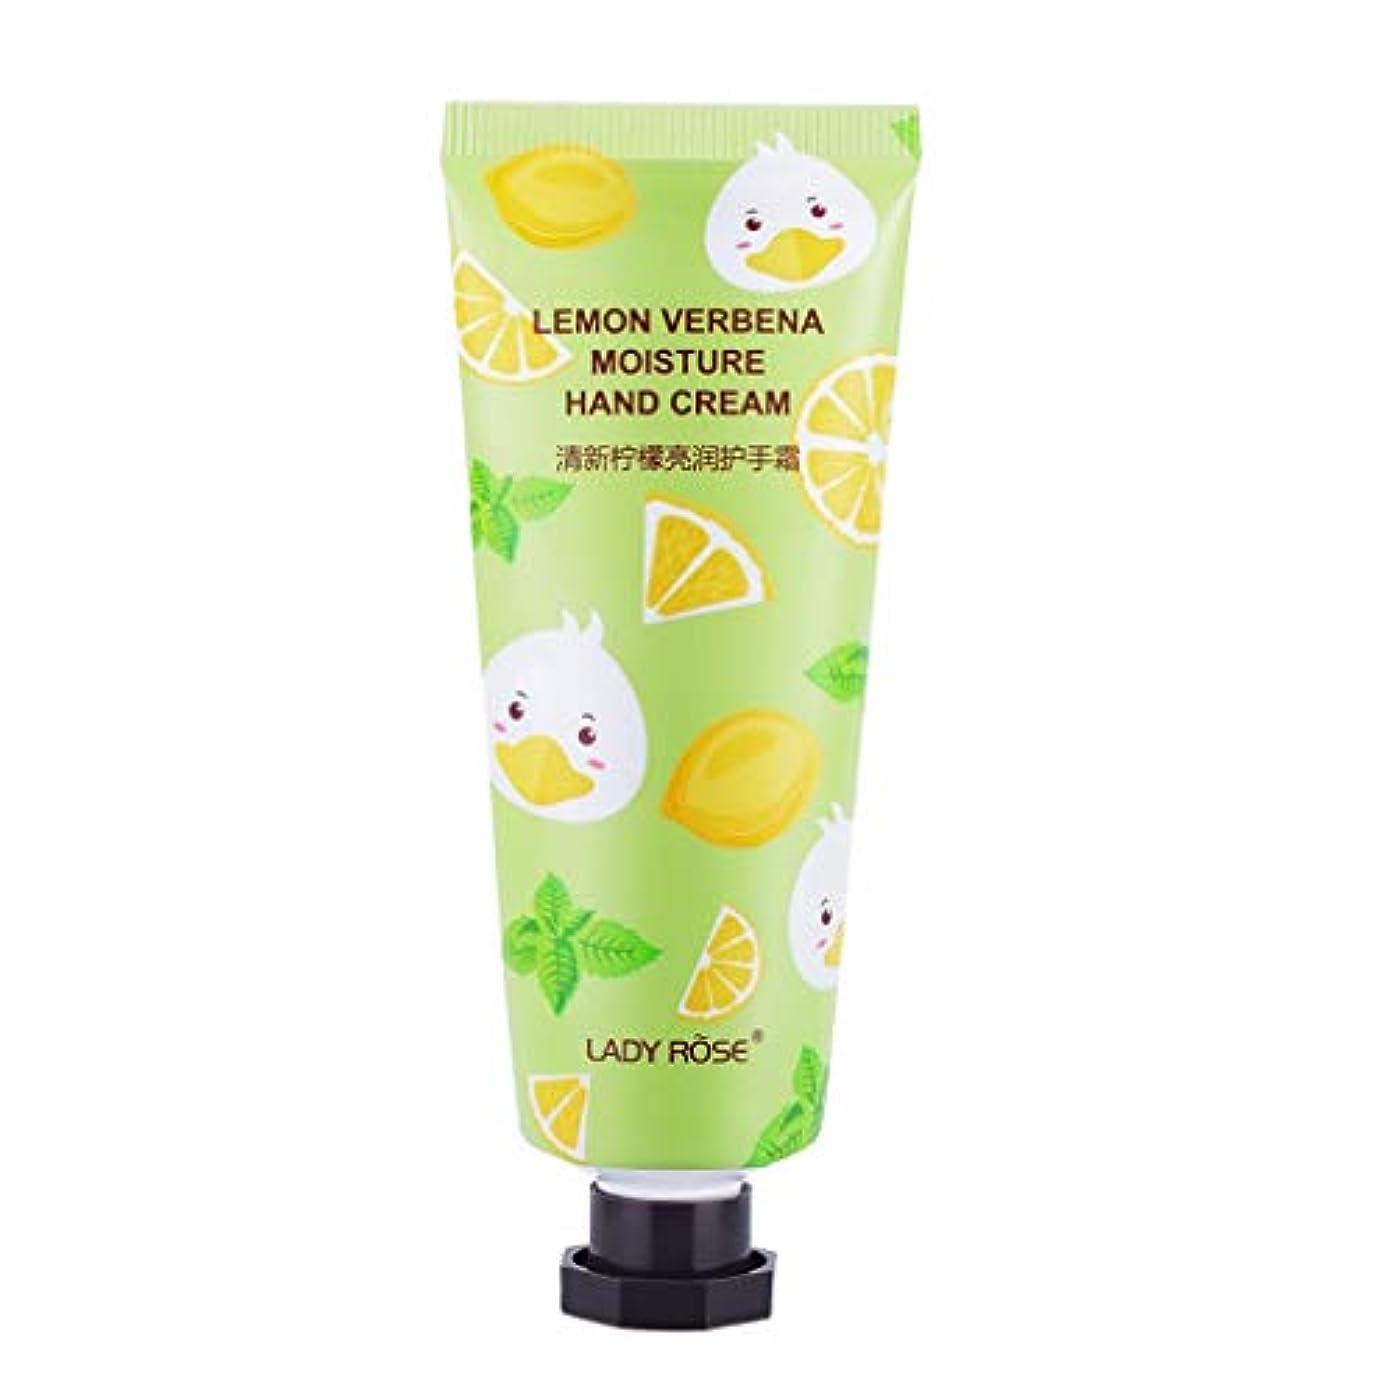 登場履歴書ビデオF Fityle ハンドクリーム 乾燥対策 潤い スキンケア 可愛い 香り 保湿クリーム ローション 3タイプ選べ - レモン